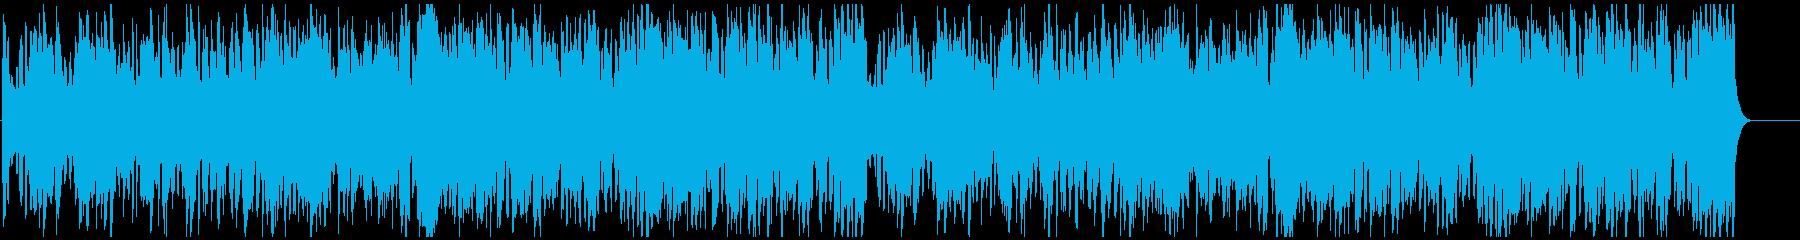 軽やかなフルートのワルツの再生済みの波形